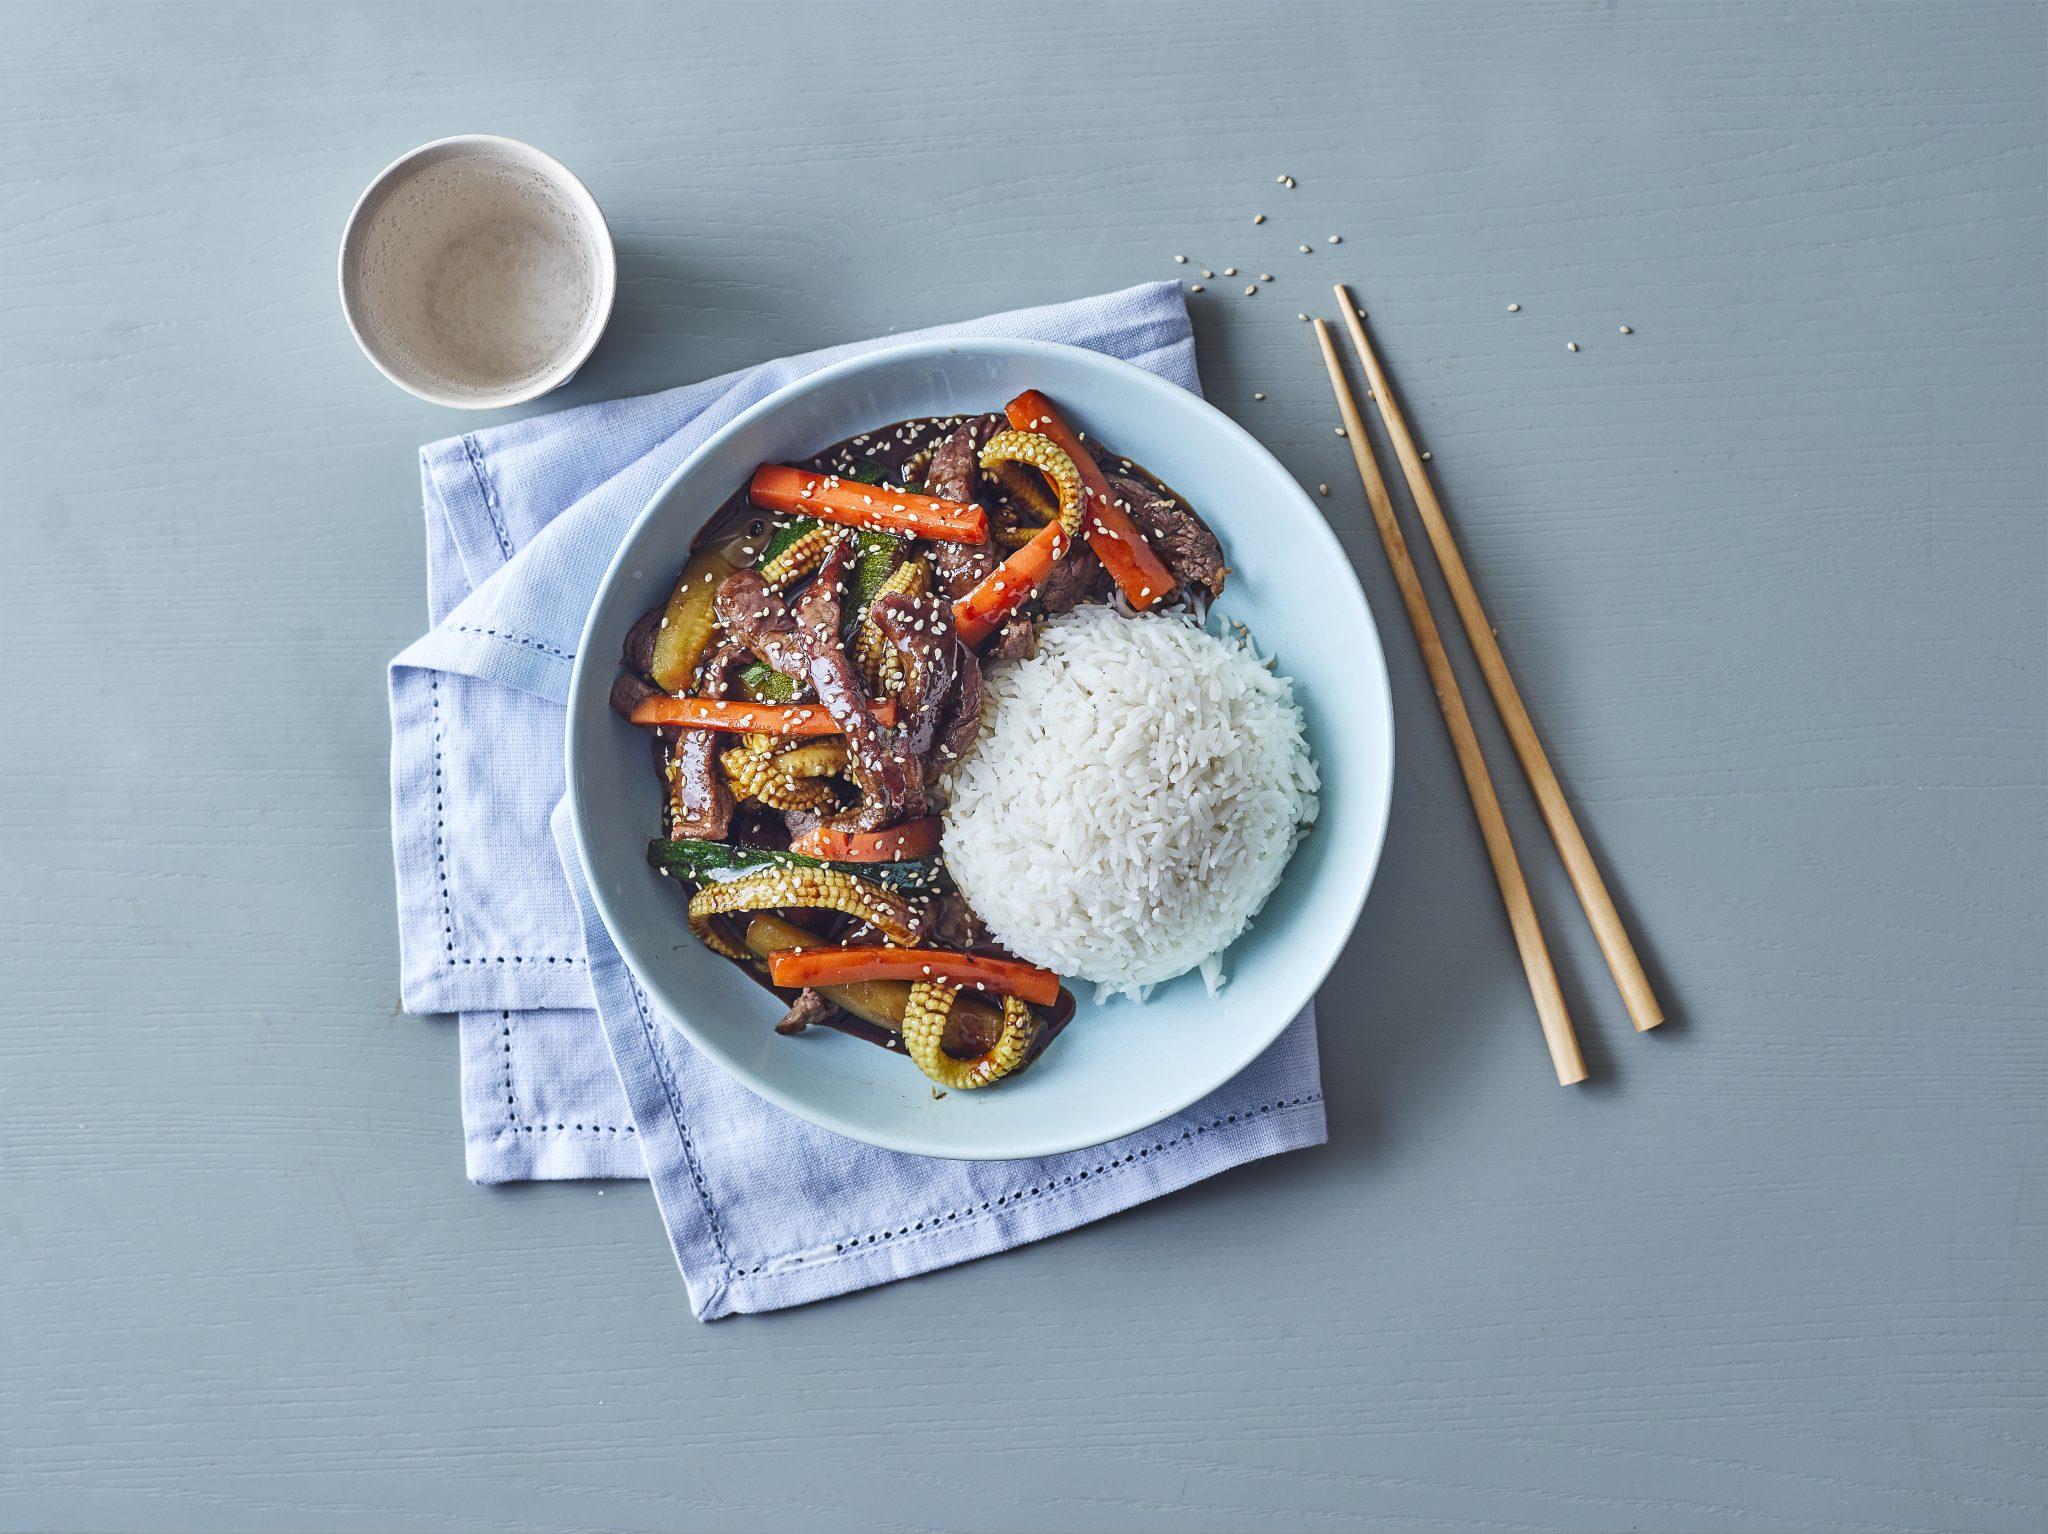 sizzling beef stir fry recipe by annabel karmel